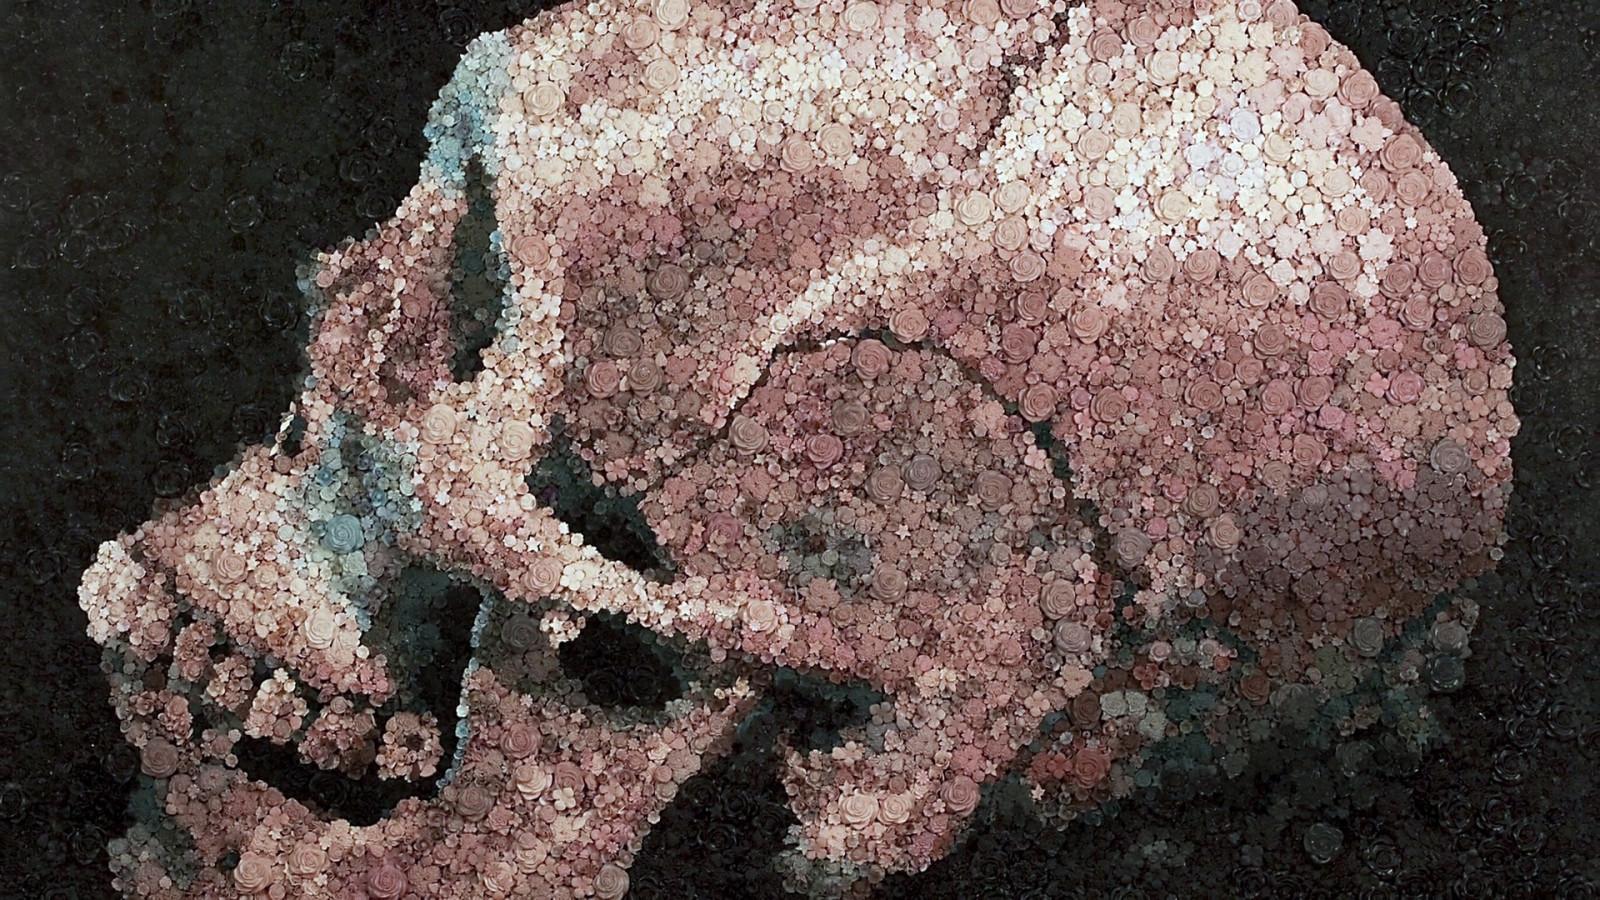 Hintergrundbilder : Malerei, Blumen, Rock, Rose, Schädel und Knochen ...